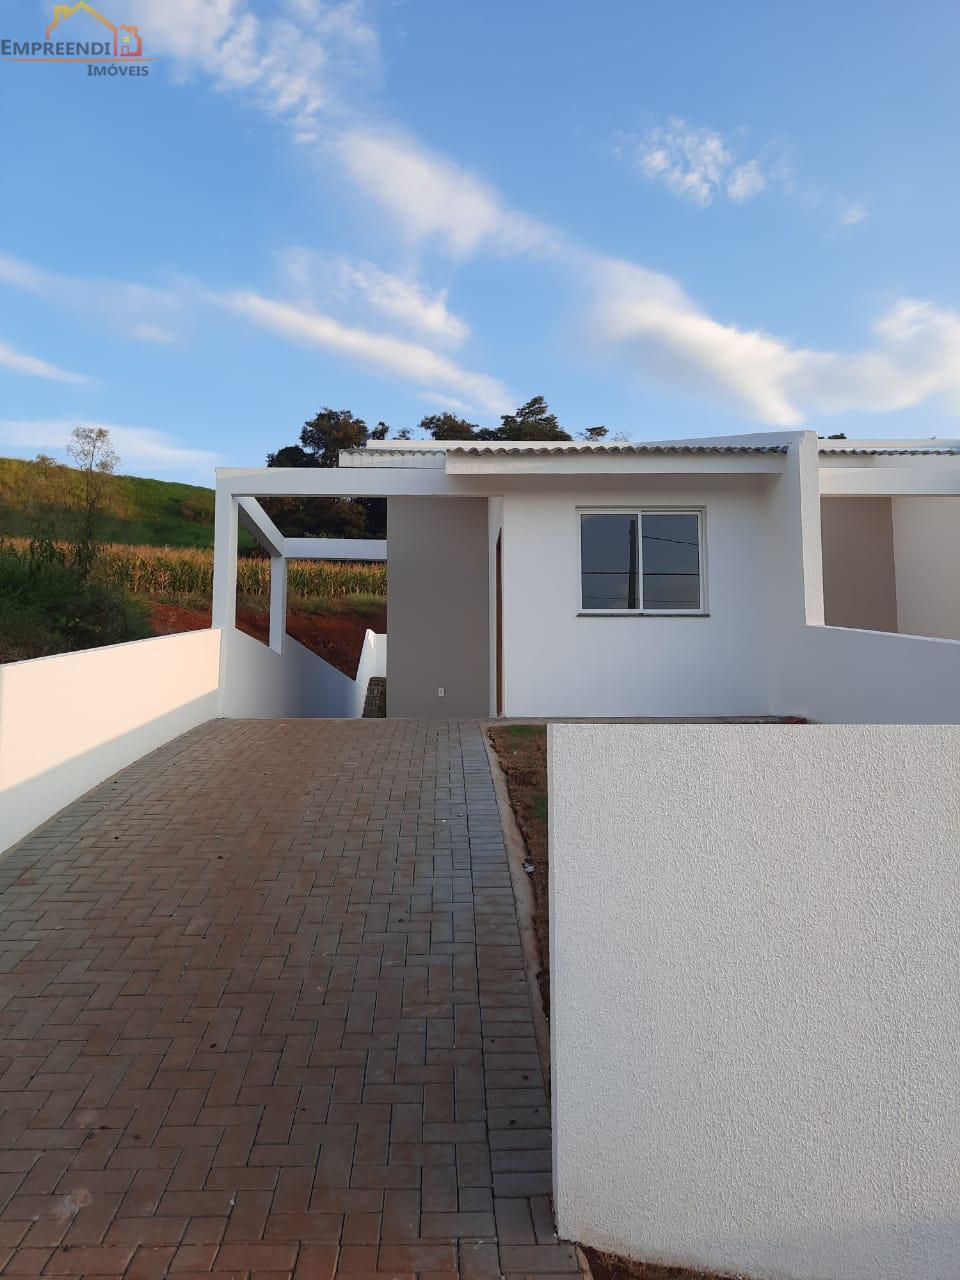 Casa com 2 dormitórios para locação, FRARON, PATO BRANCO - PR